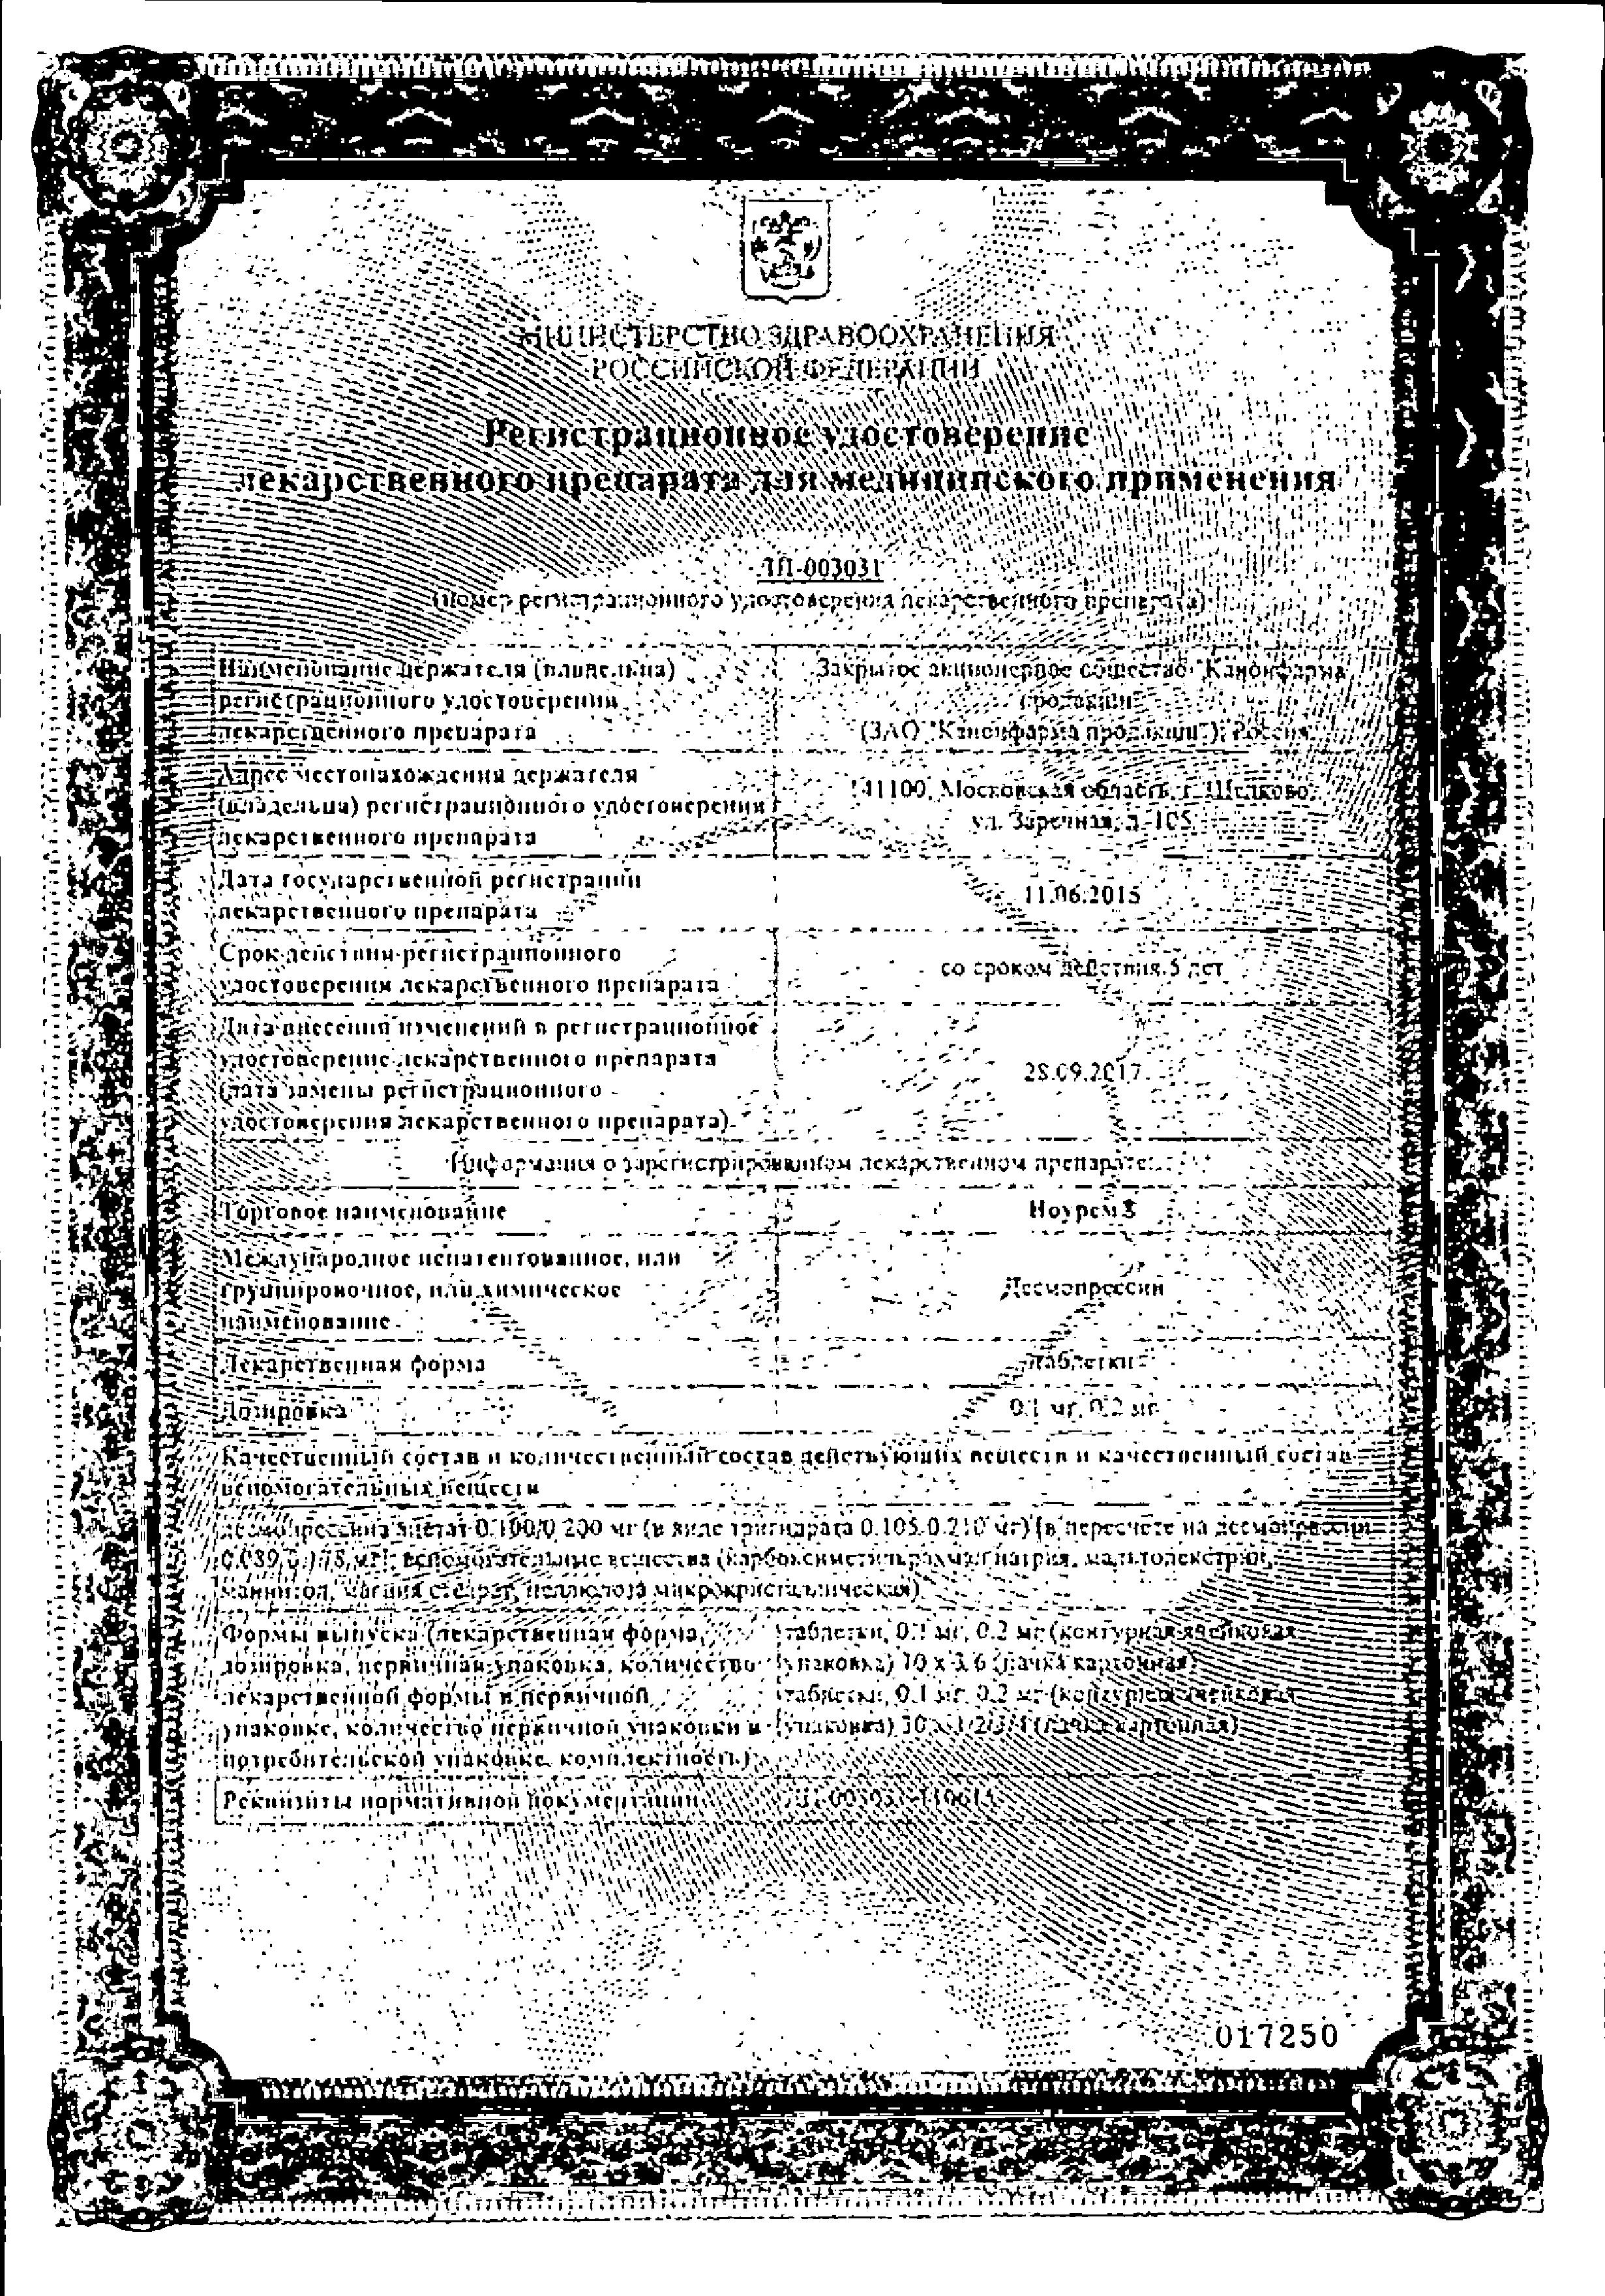 Ноурем сертификат